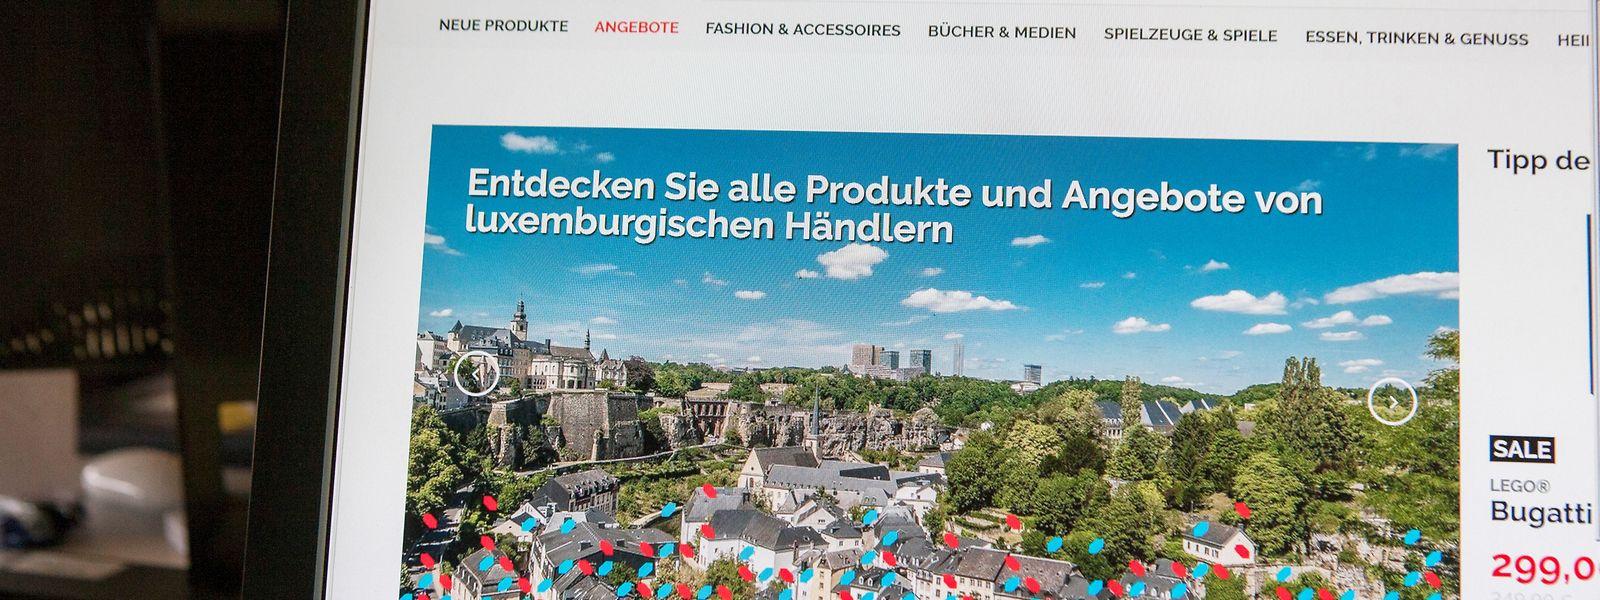 Produkte von regionalen Händlern aus Luxemburg jetzt auch im Internet zu kaufen: Die HandelsplattformLetzshop.lu ist seit Freitag online.